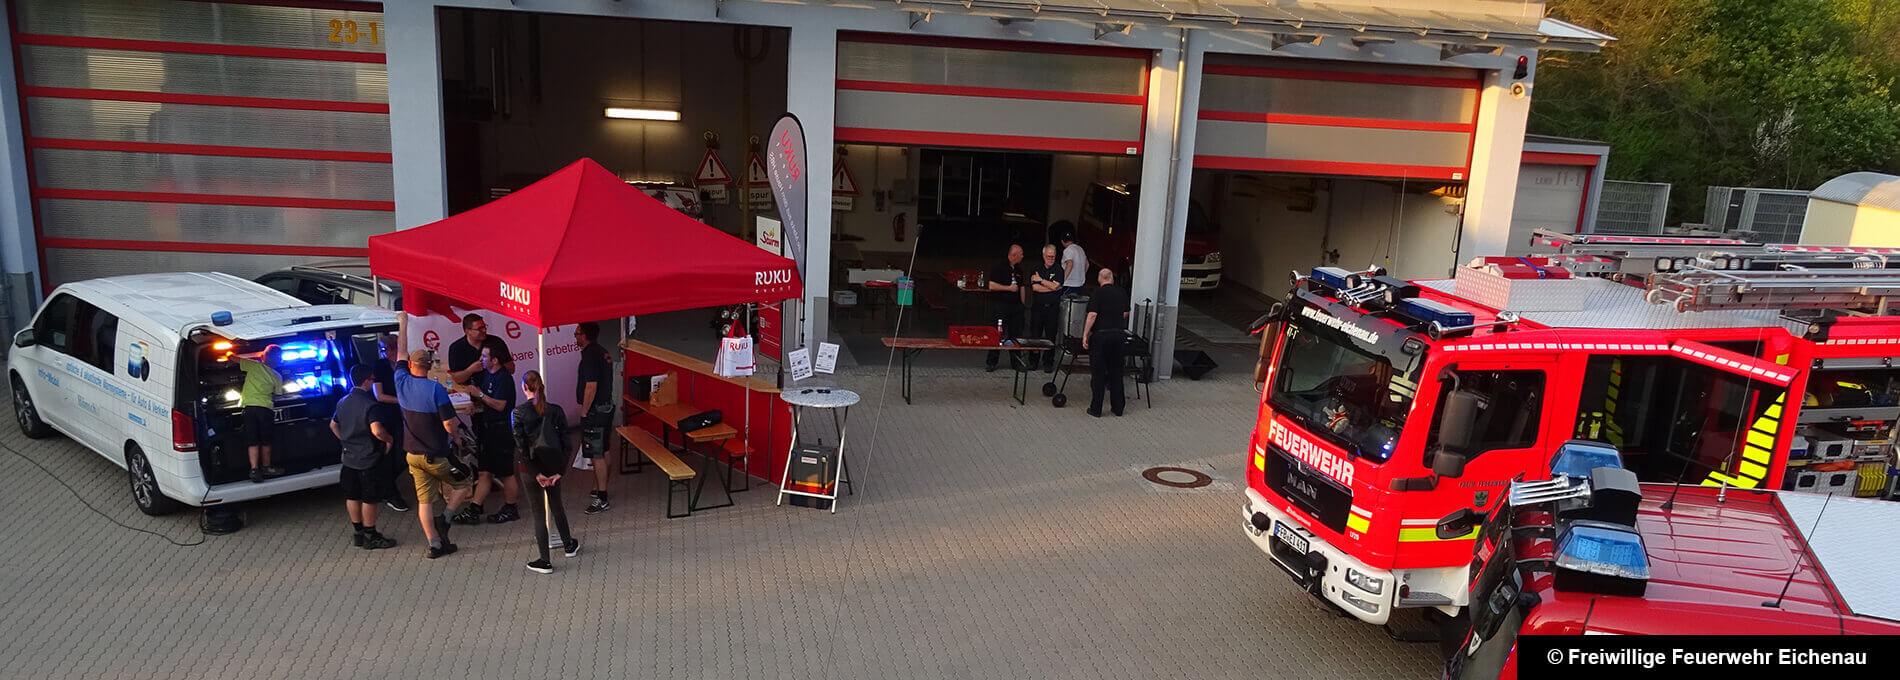 Roter Faltpavillon der Freiwilligen Feuerwehr Eichenau